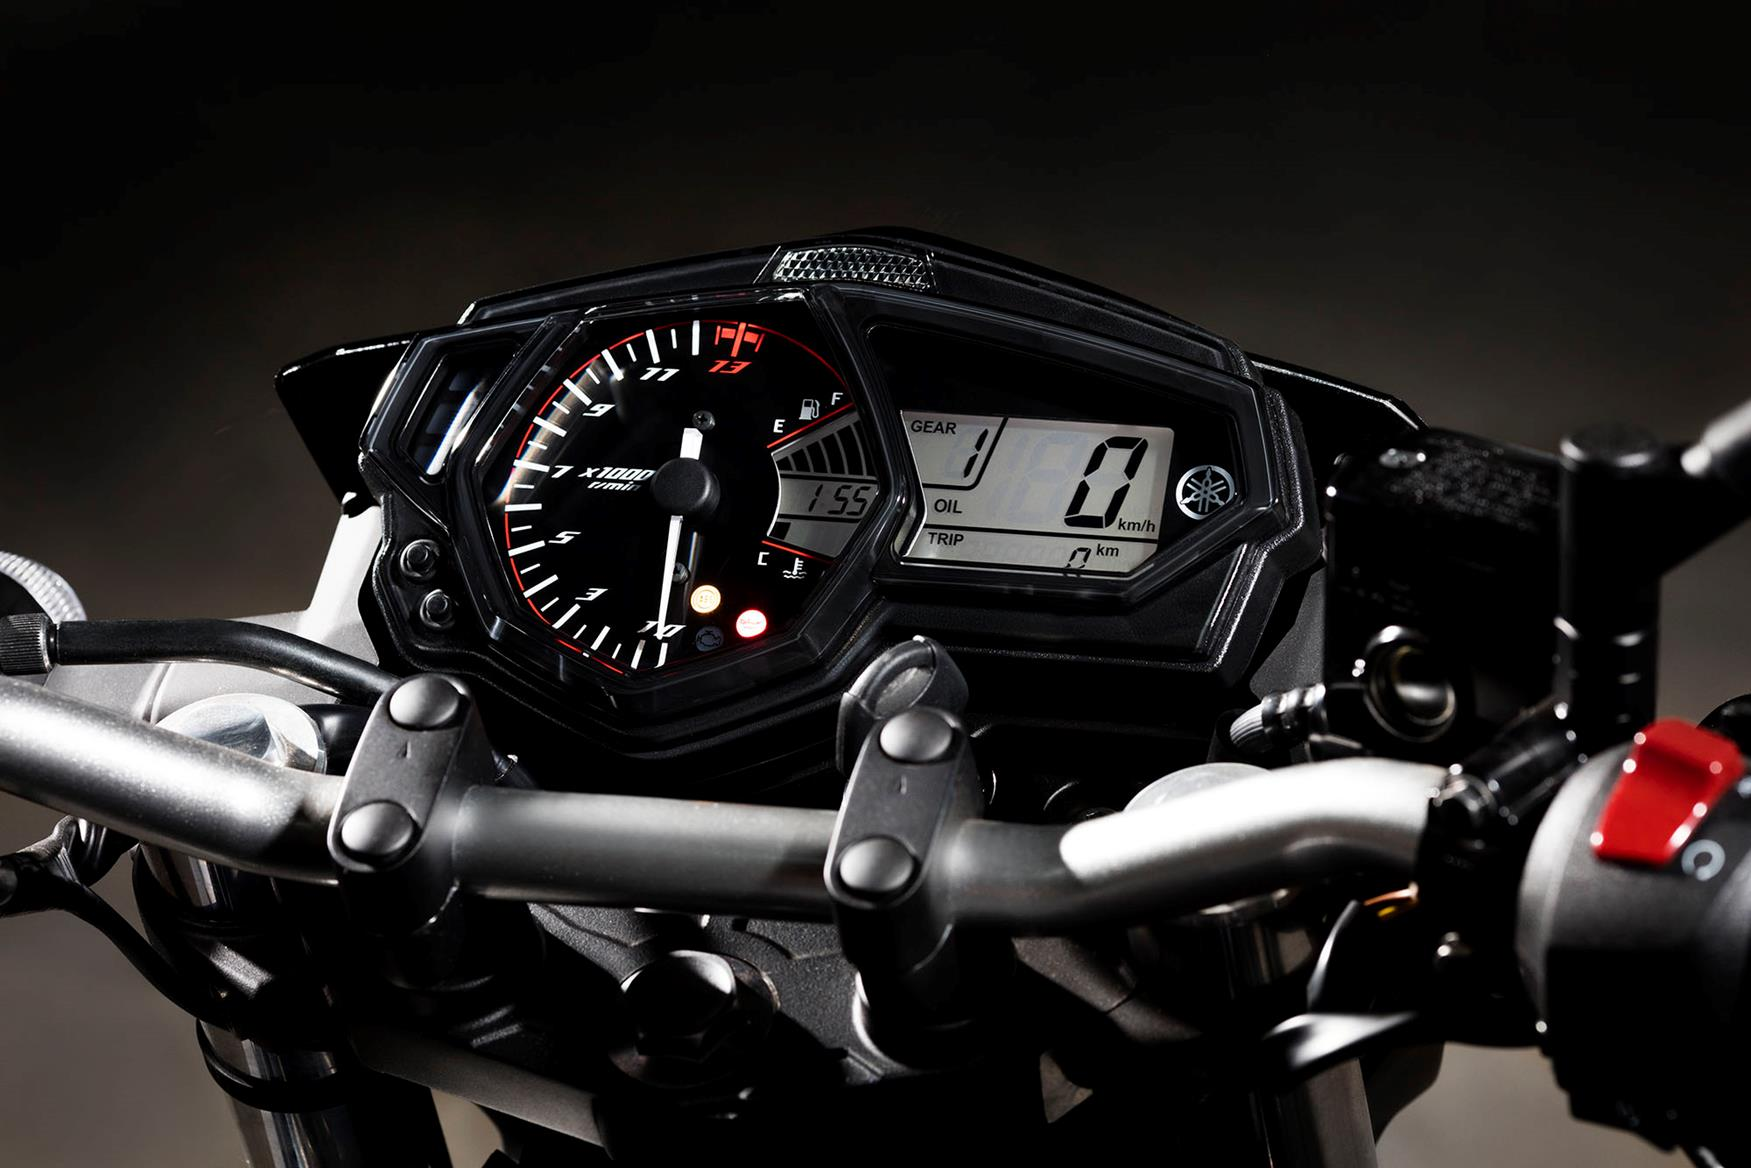 Yamaha MT-03 dash